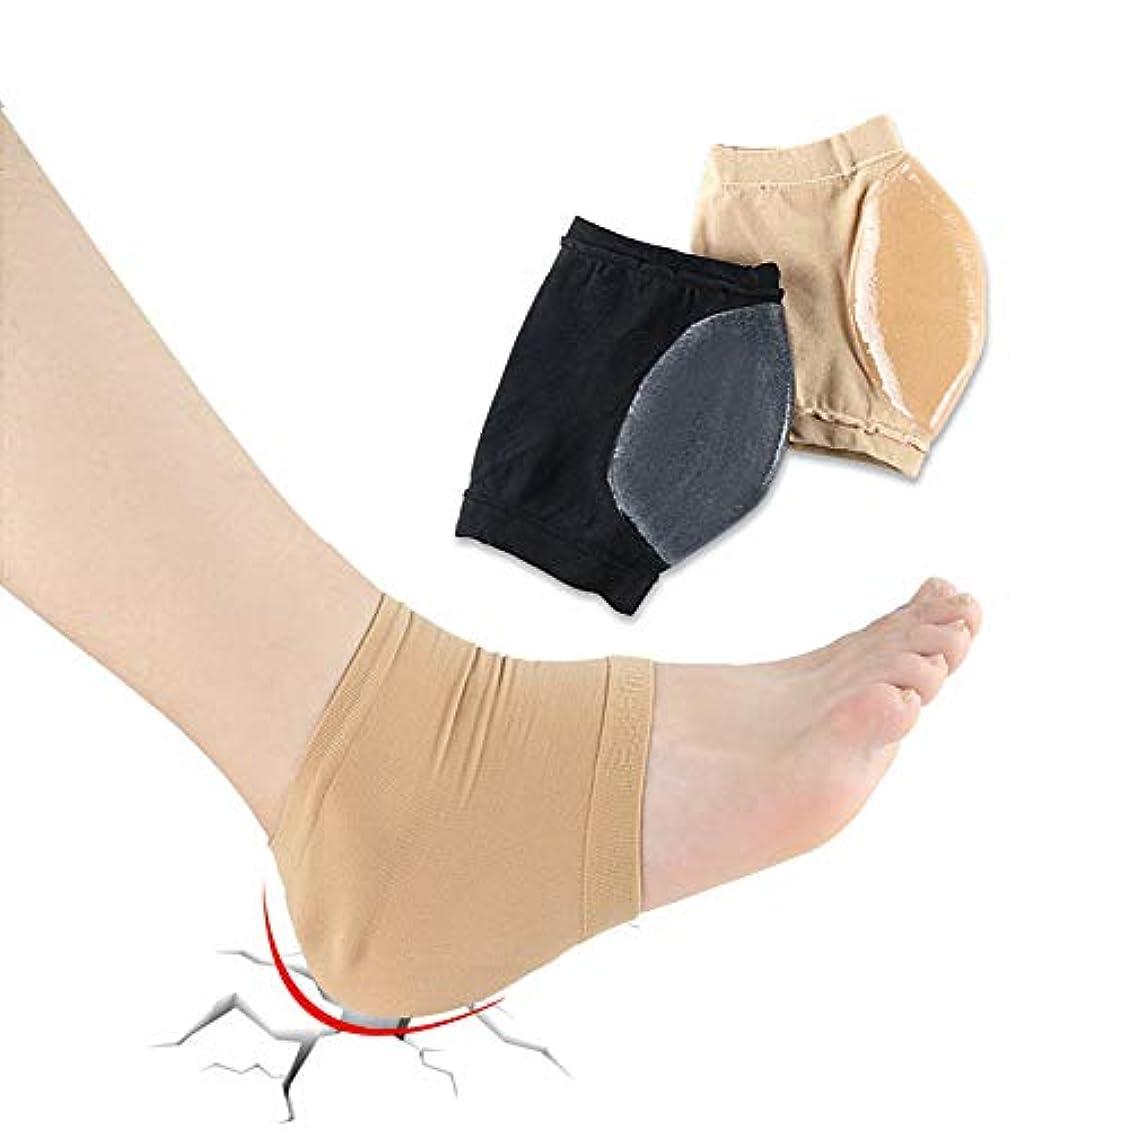 スペシャリストパキスタン換気伸縮性のある足スリーブ、ジェルパッド衝撃吸収性ヒール付きソックス、かかとを保護するためのかかとを保護するかかとユニセックス(2ペア),Flesh,M